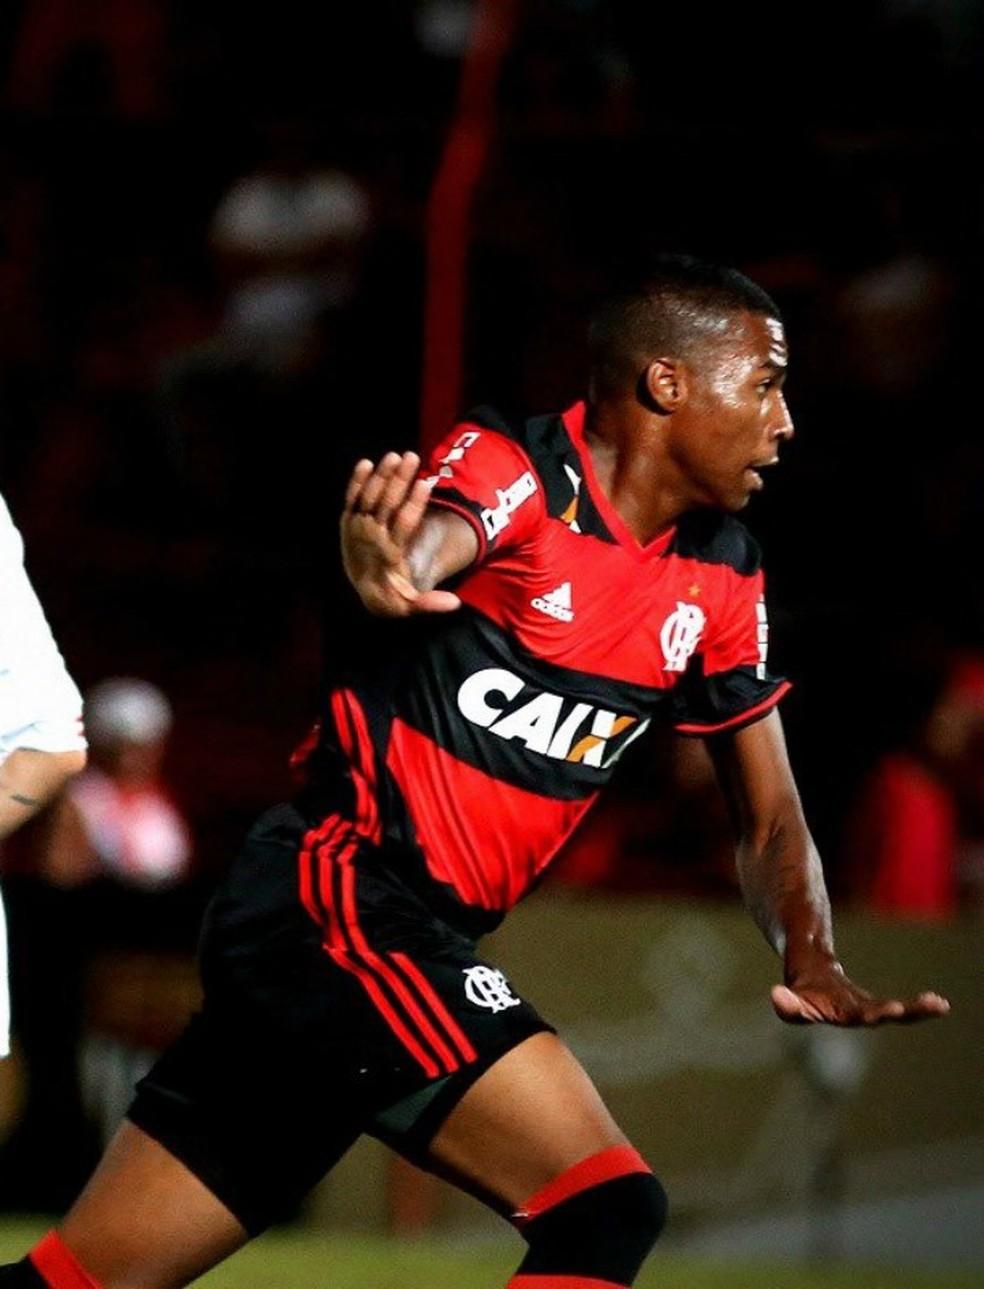 e529f3287bd69 ... Jean Lucas comemora gol pelo sub-20 do Flamengo  depois de dois anos  como